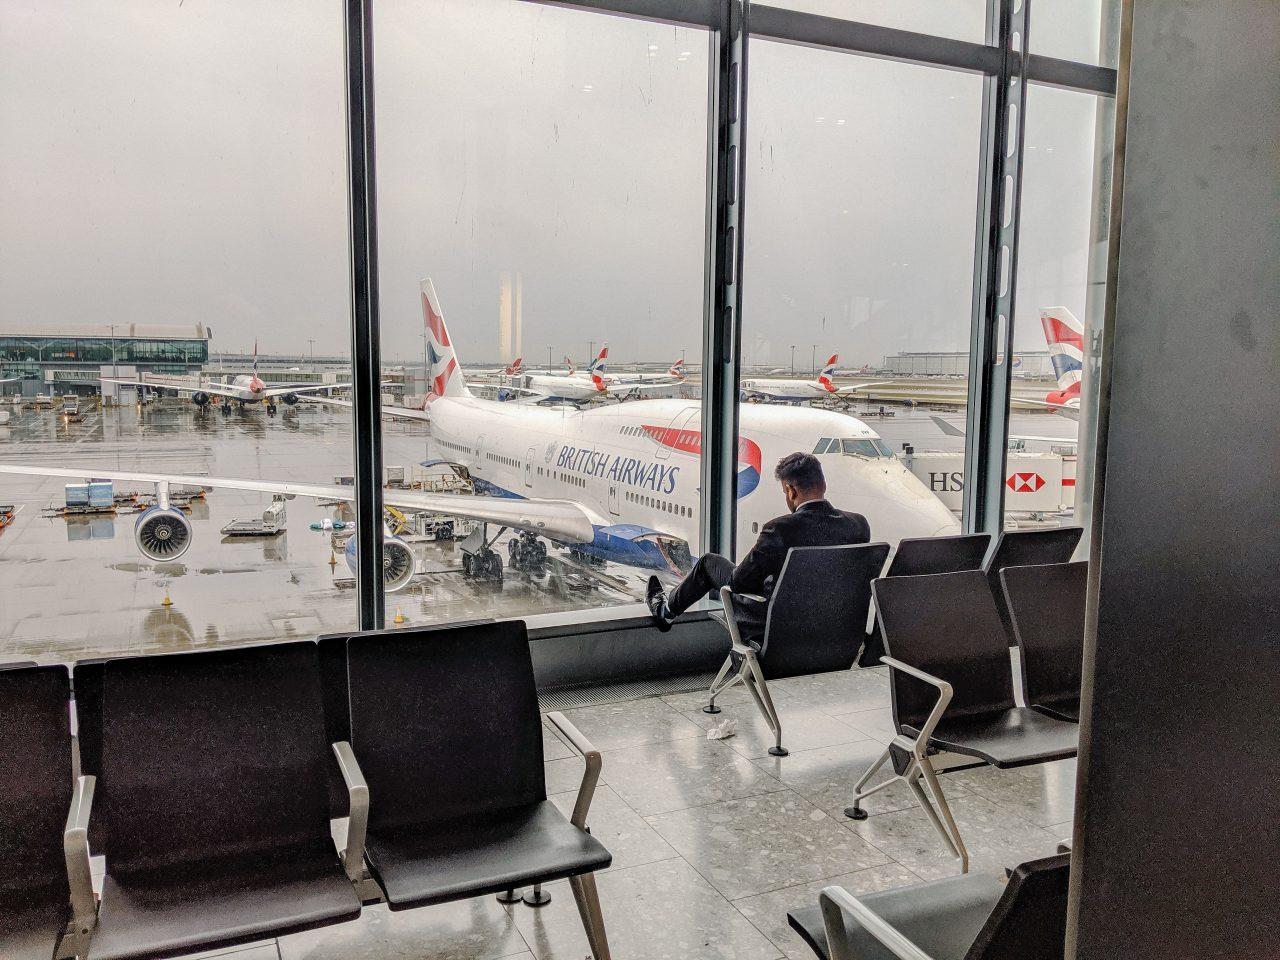 Χίθροου: Η ανάκαμψη του ταξιδιωτικού τομέα έχει αρχίσει